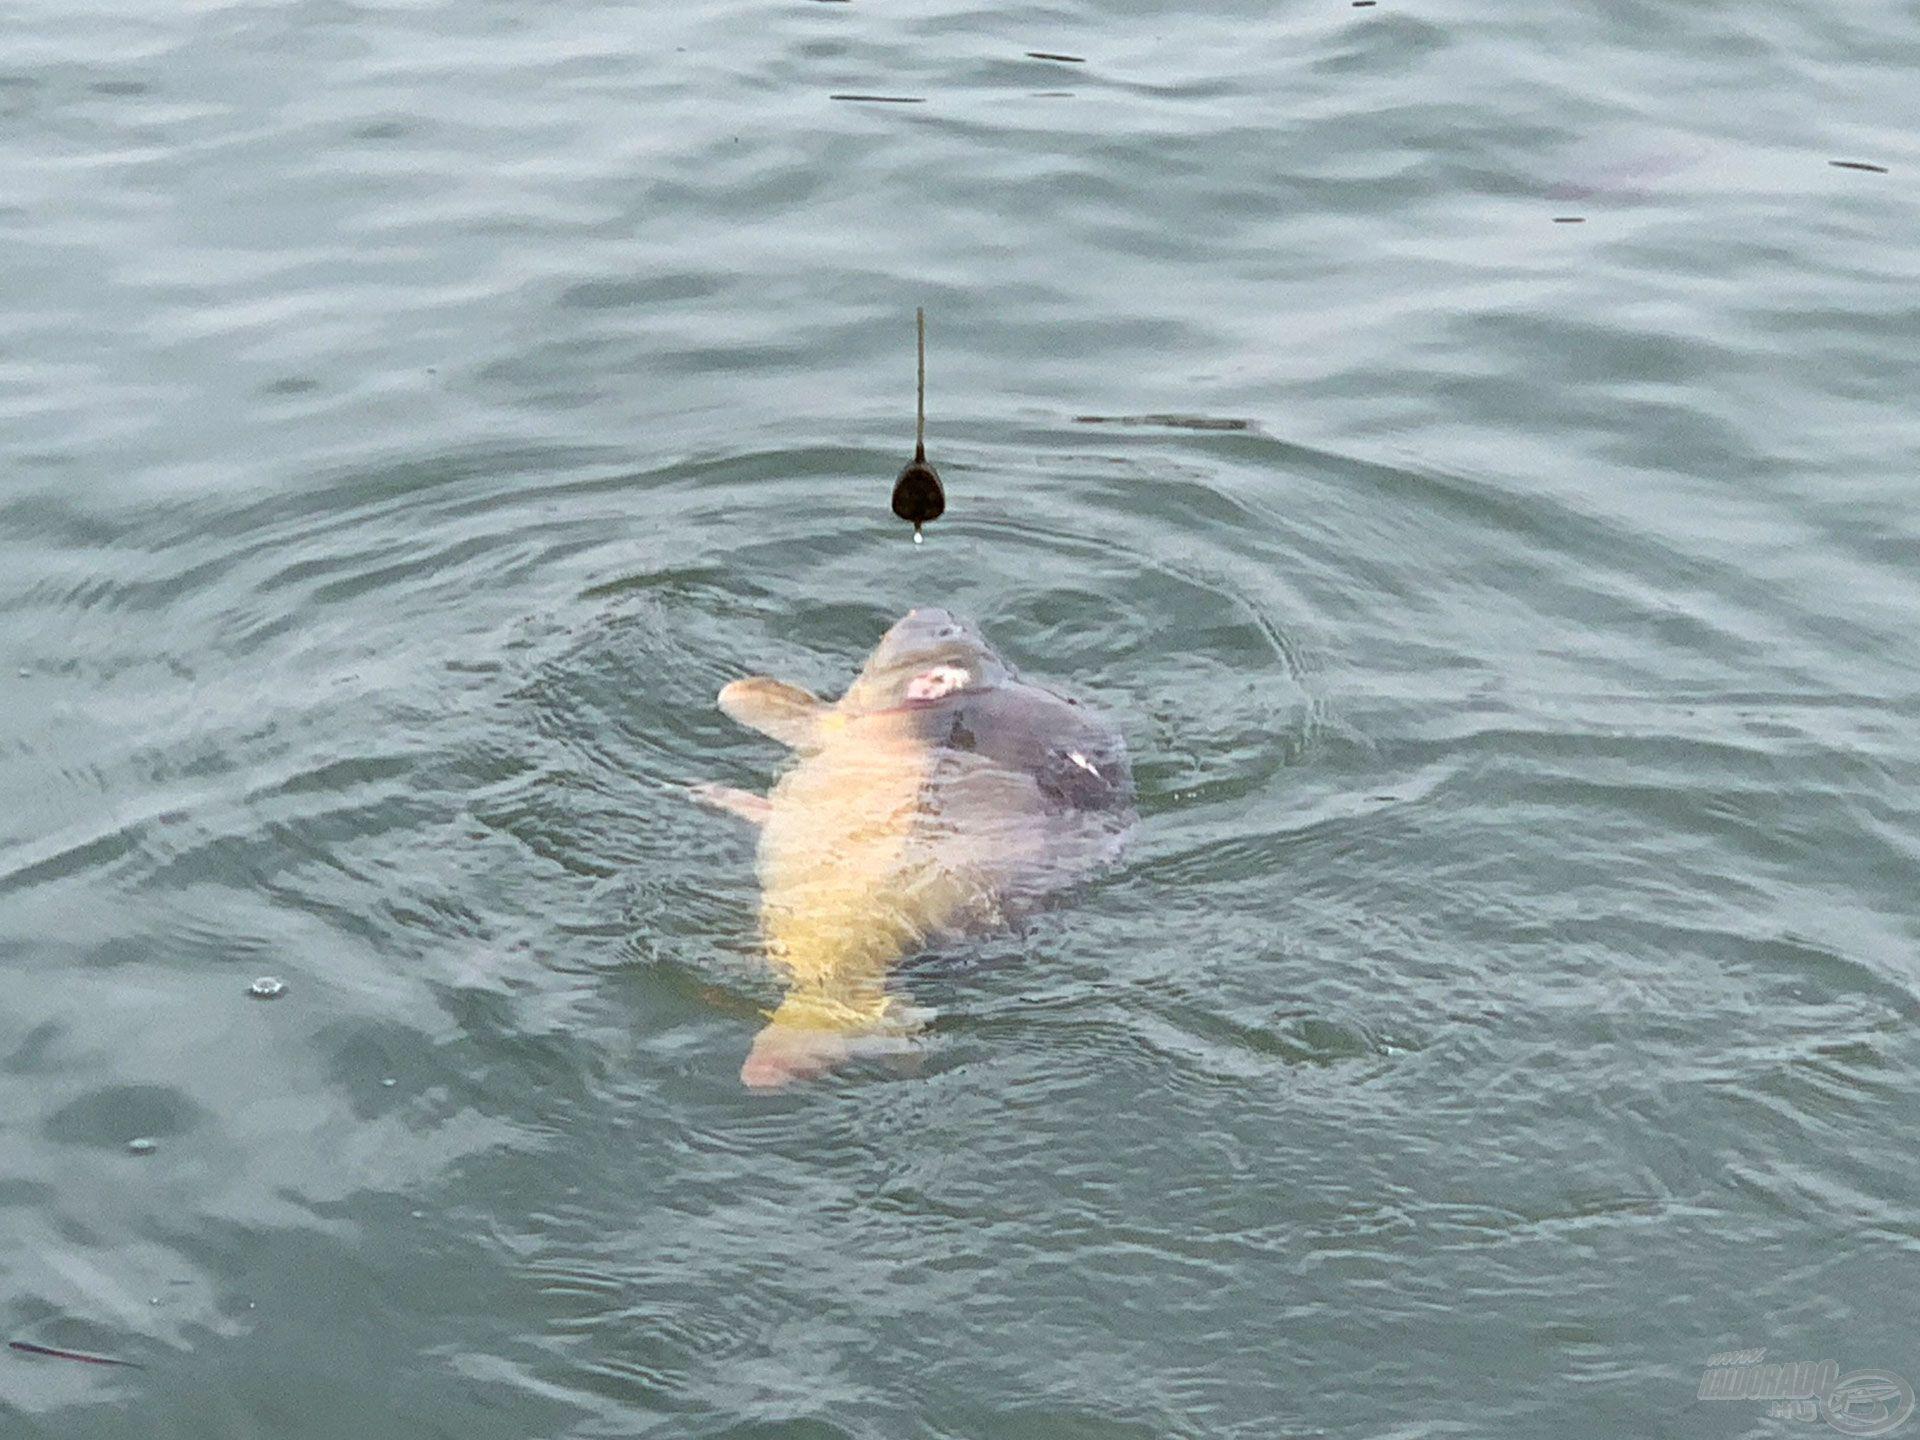 Ezúttal egy fokkal termetesebb hal volt a horgomon